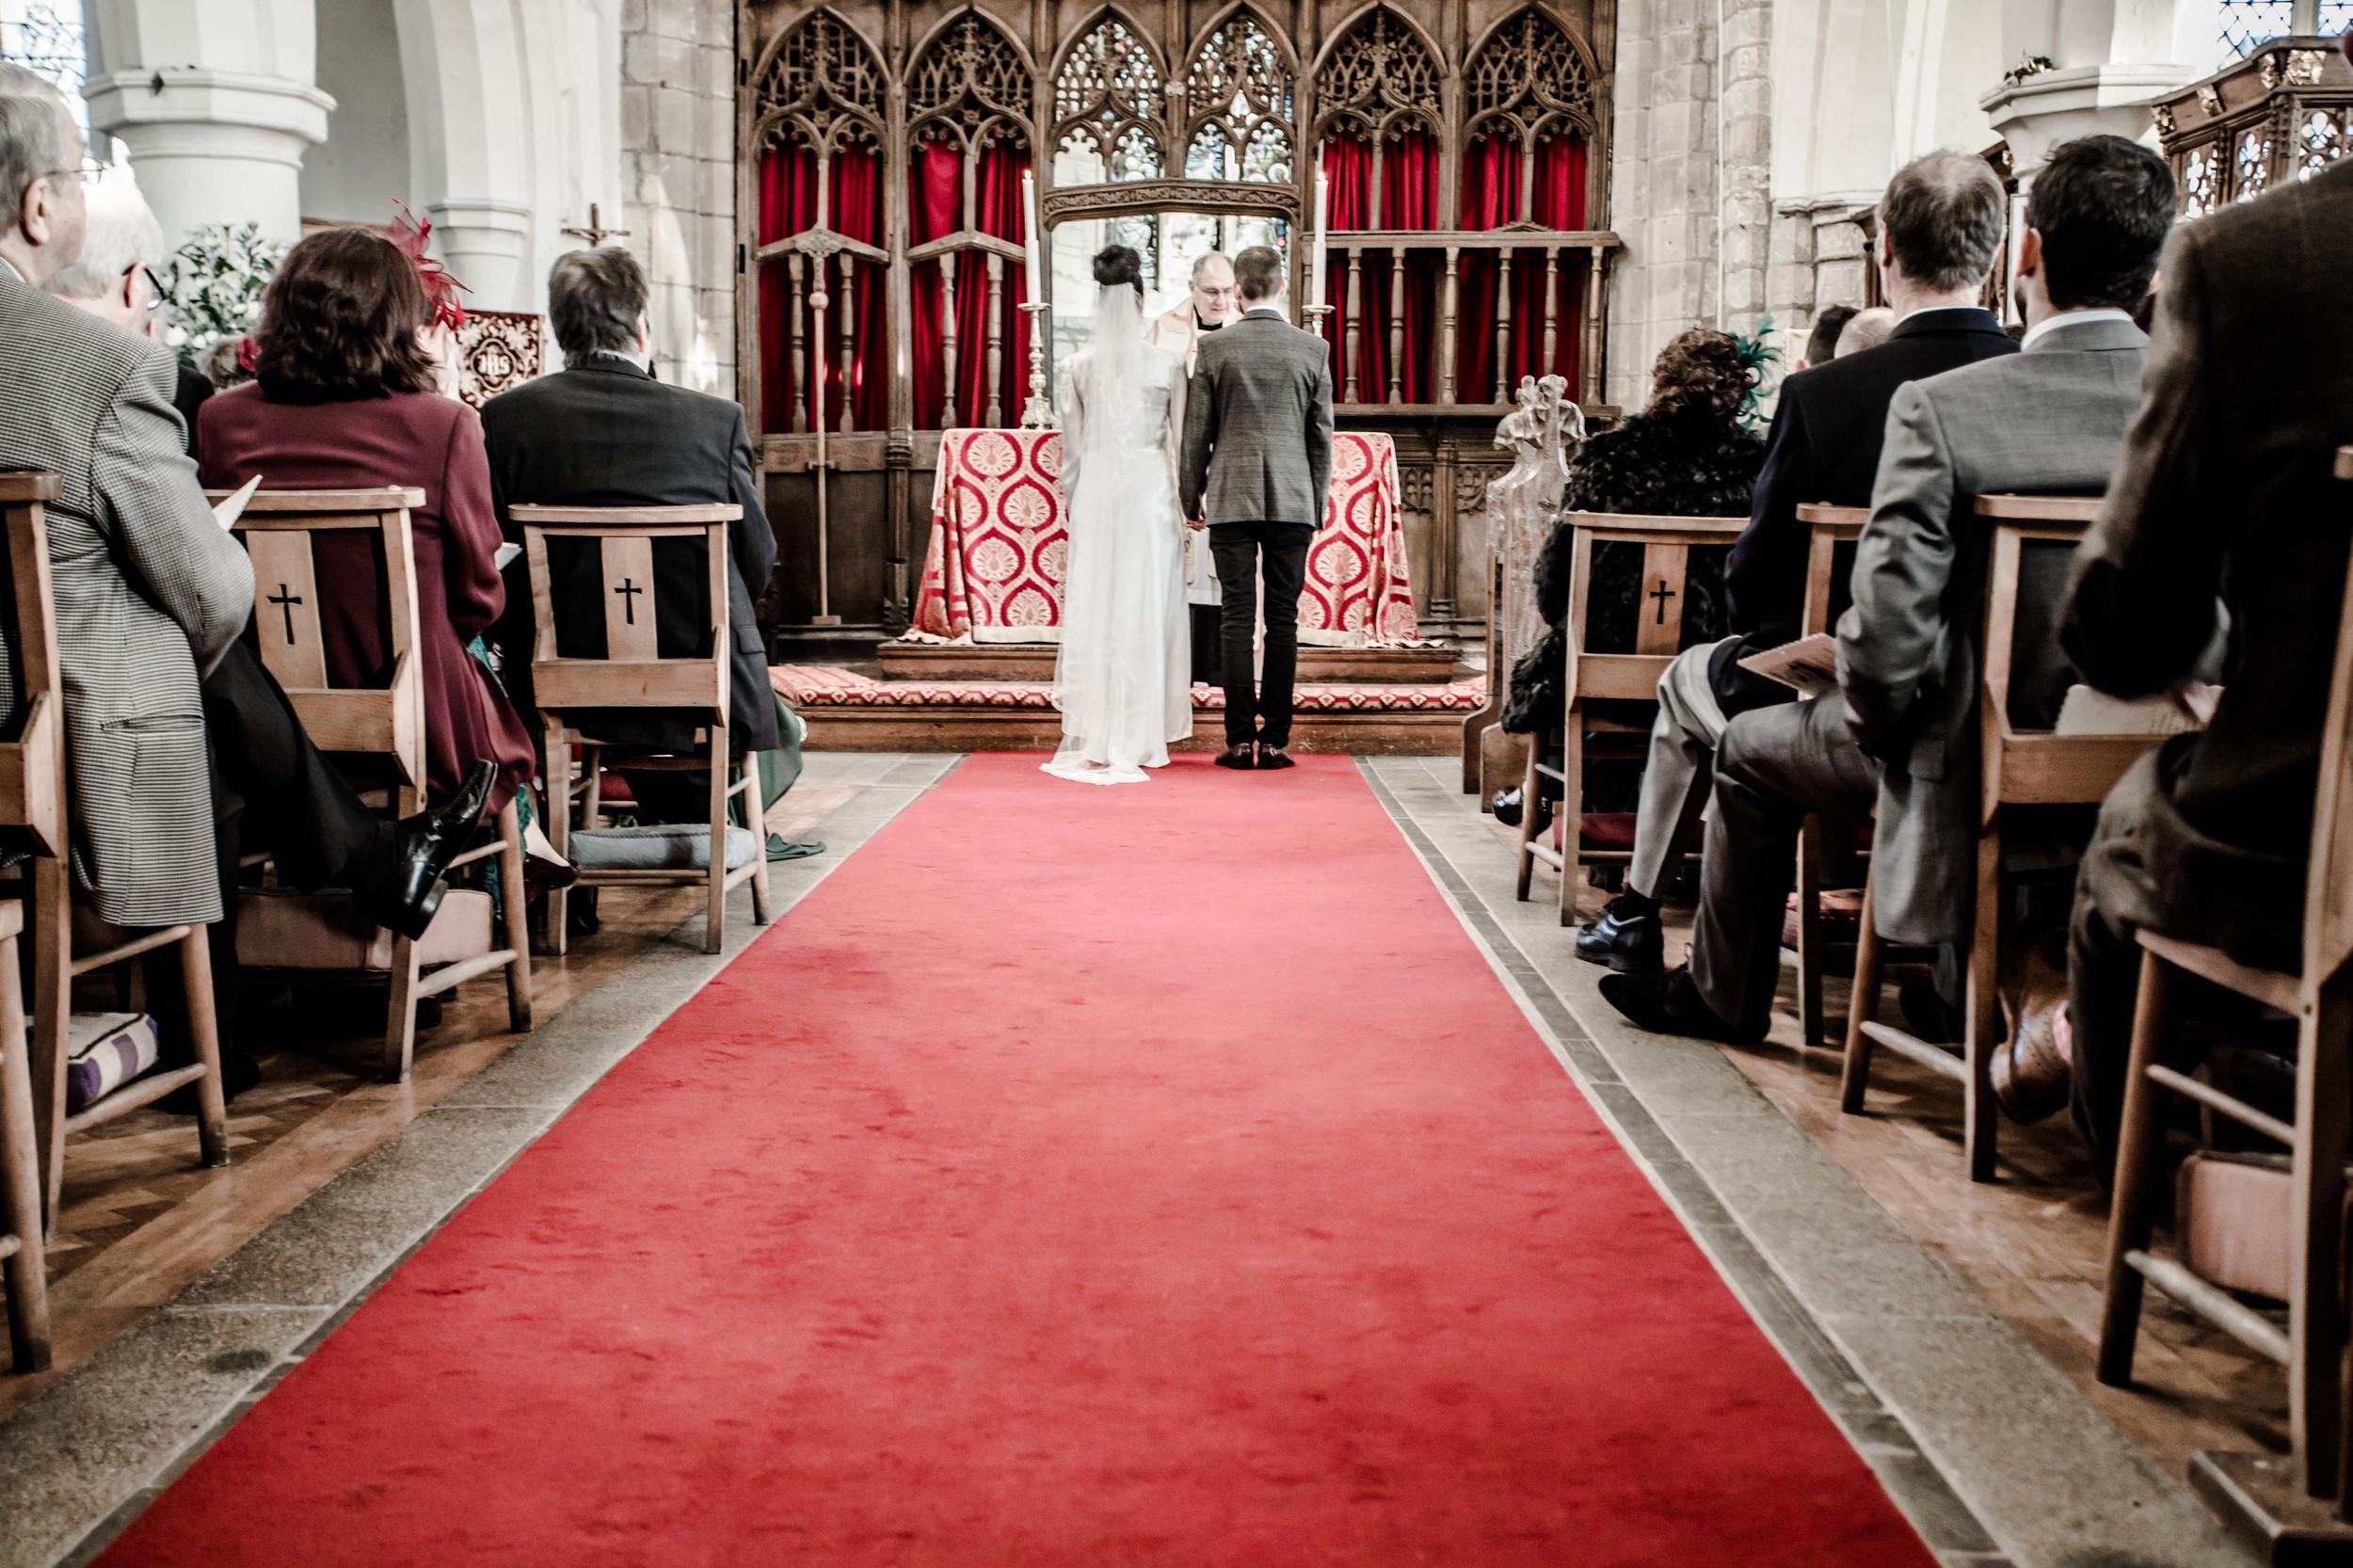 087 - Angela and Karls Wedding by www.markpugh.com -6696.jpg